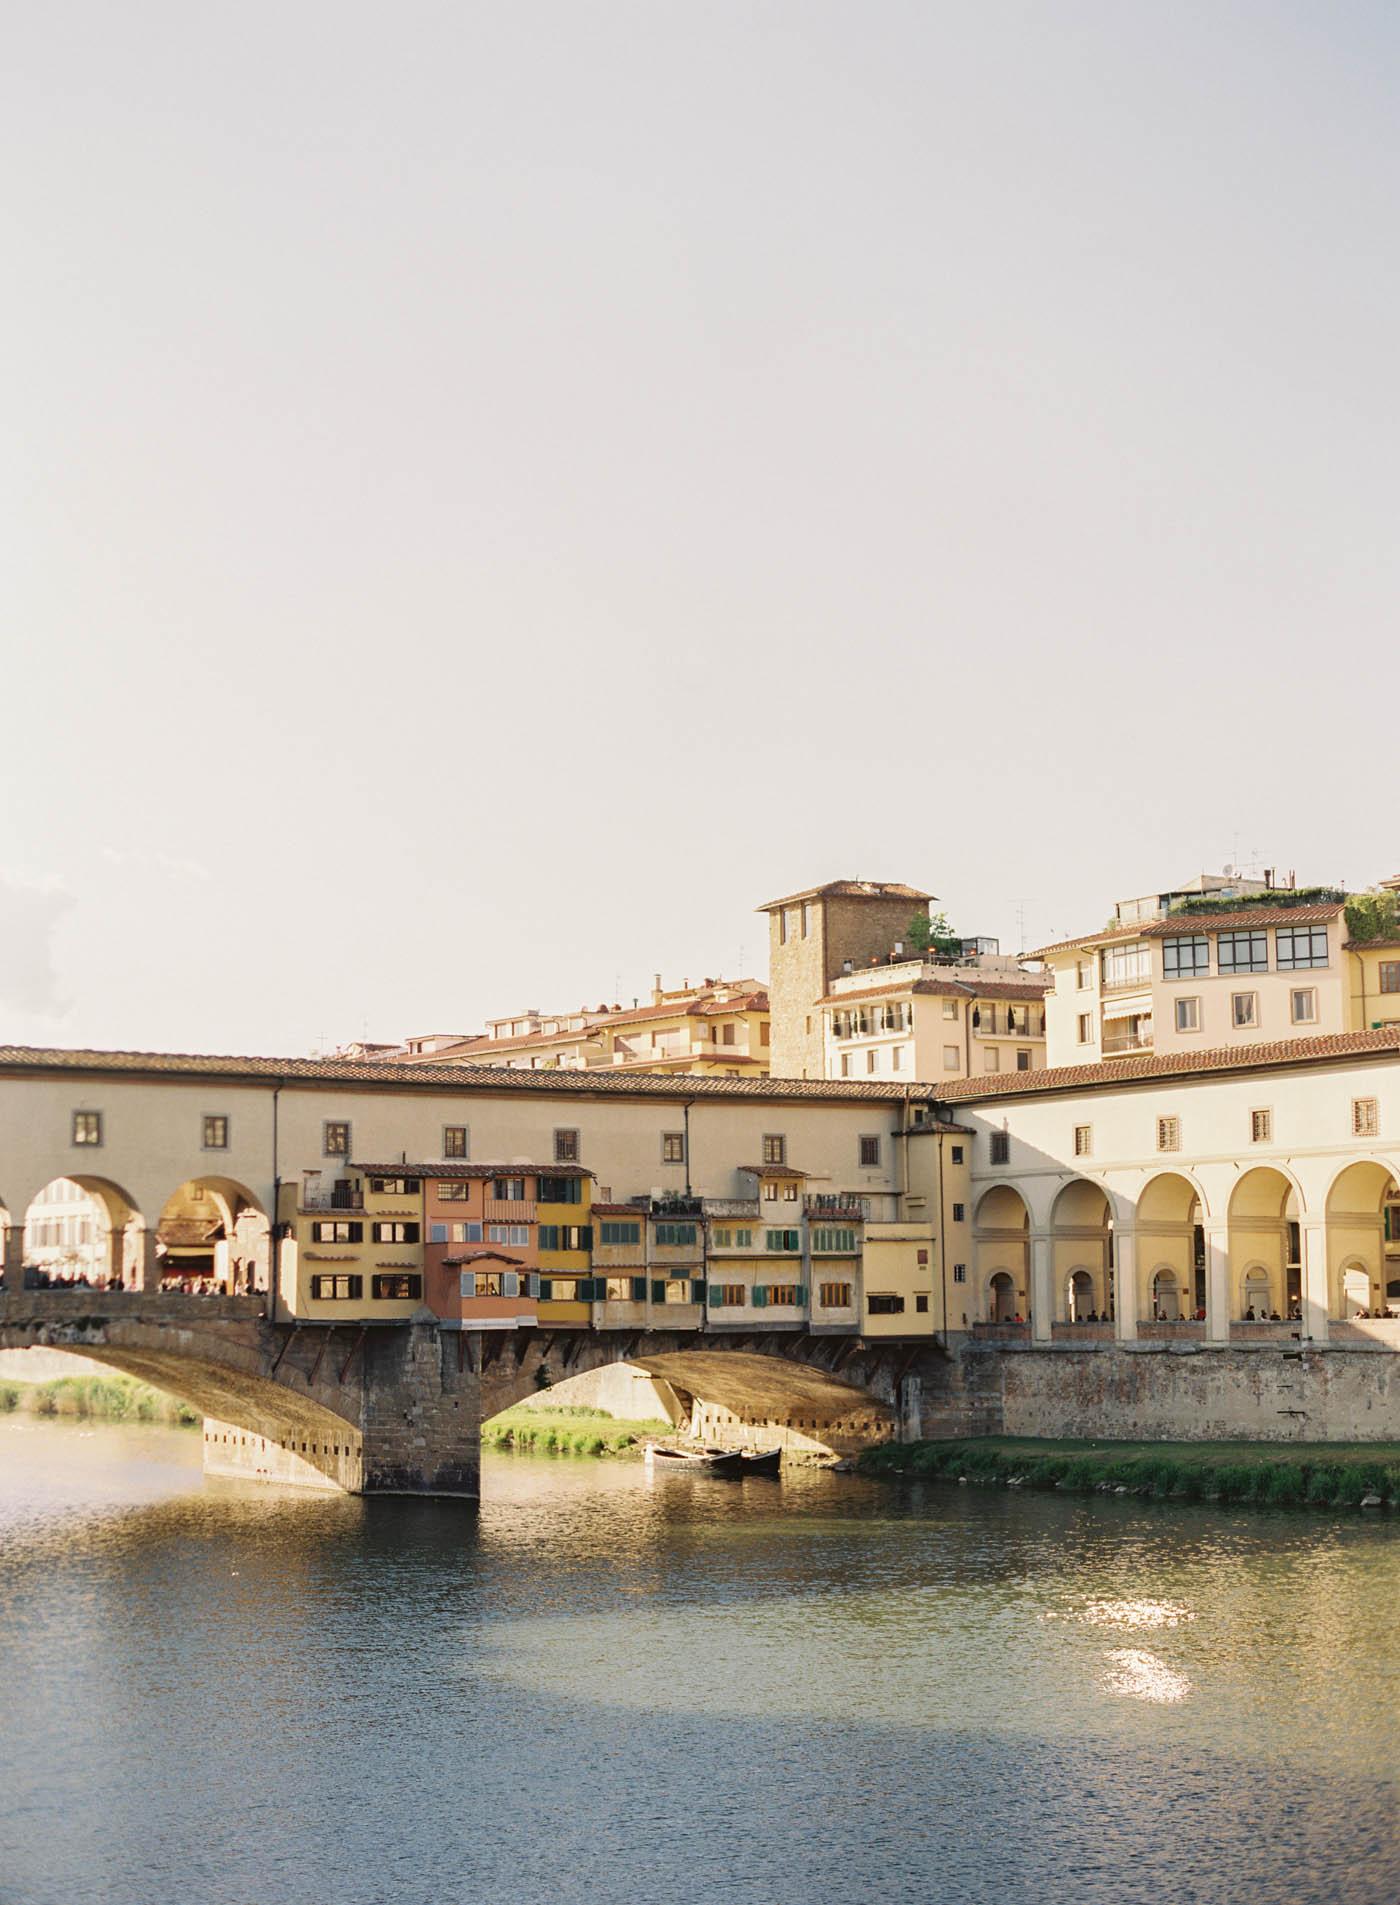 Rome_Travel-2-Jen_Huang-008239-R1-015.jpg